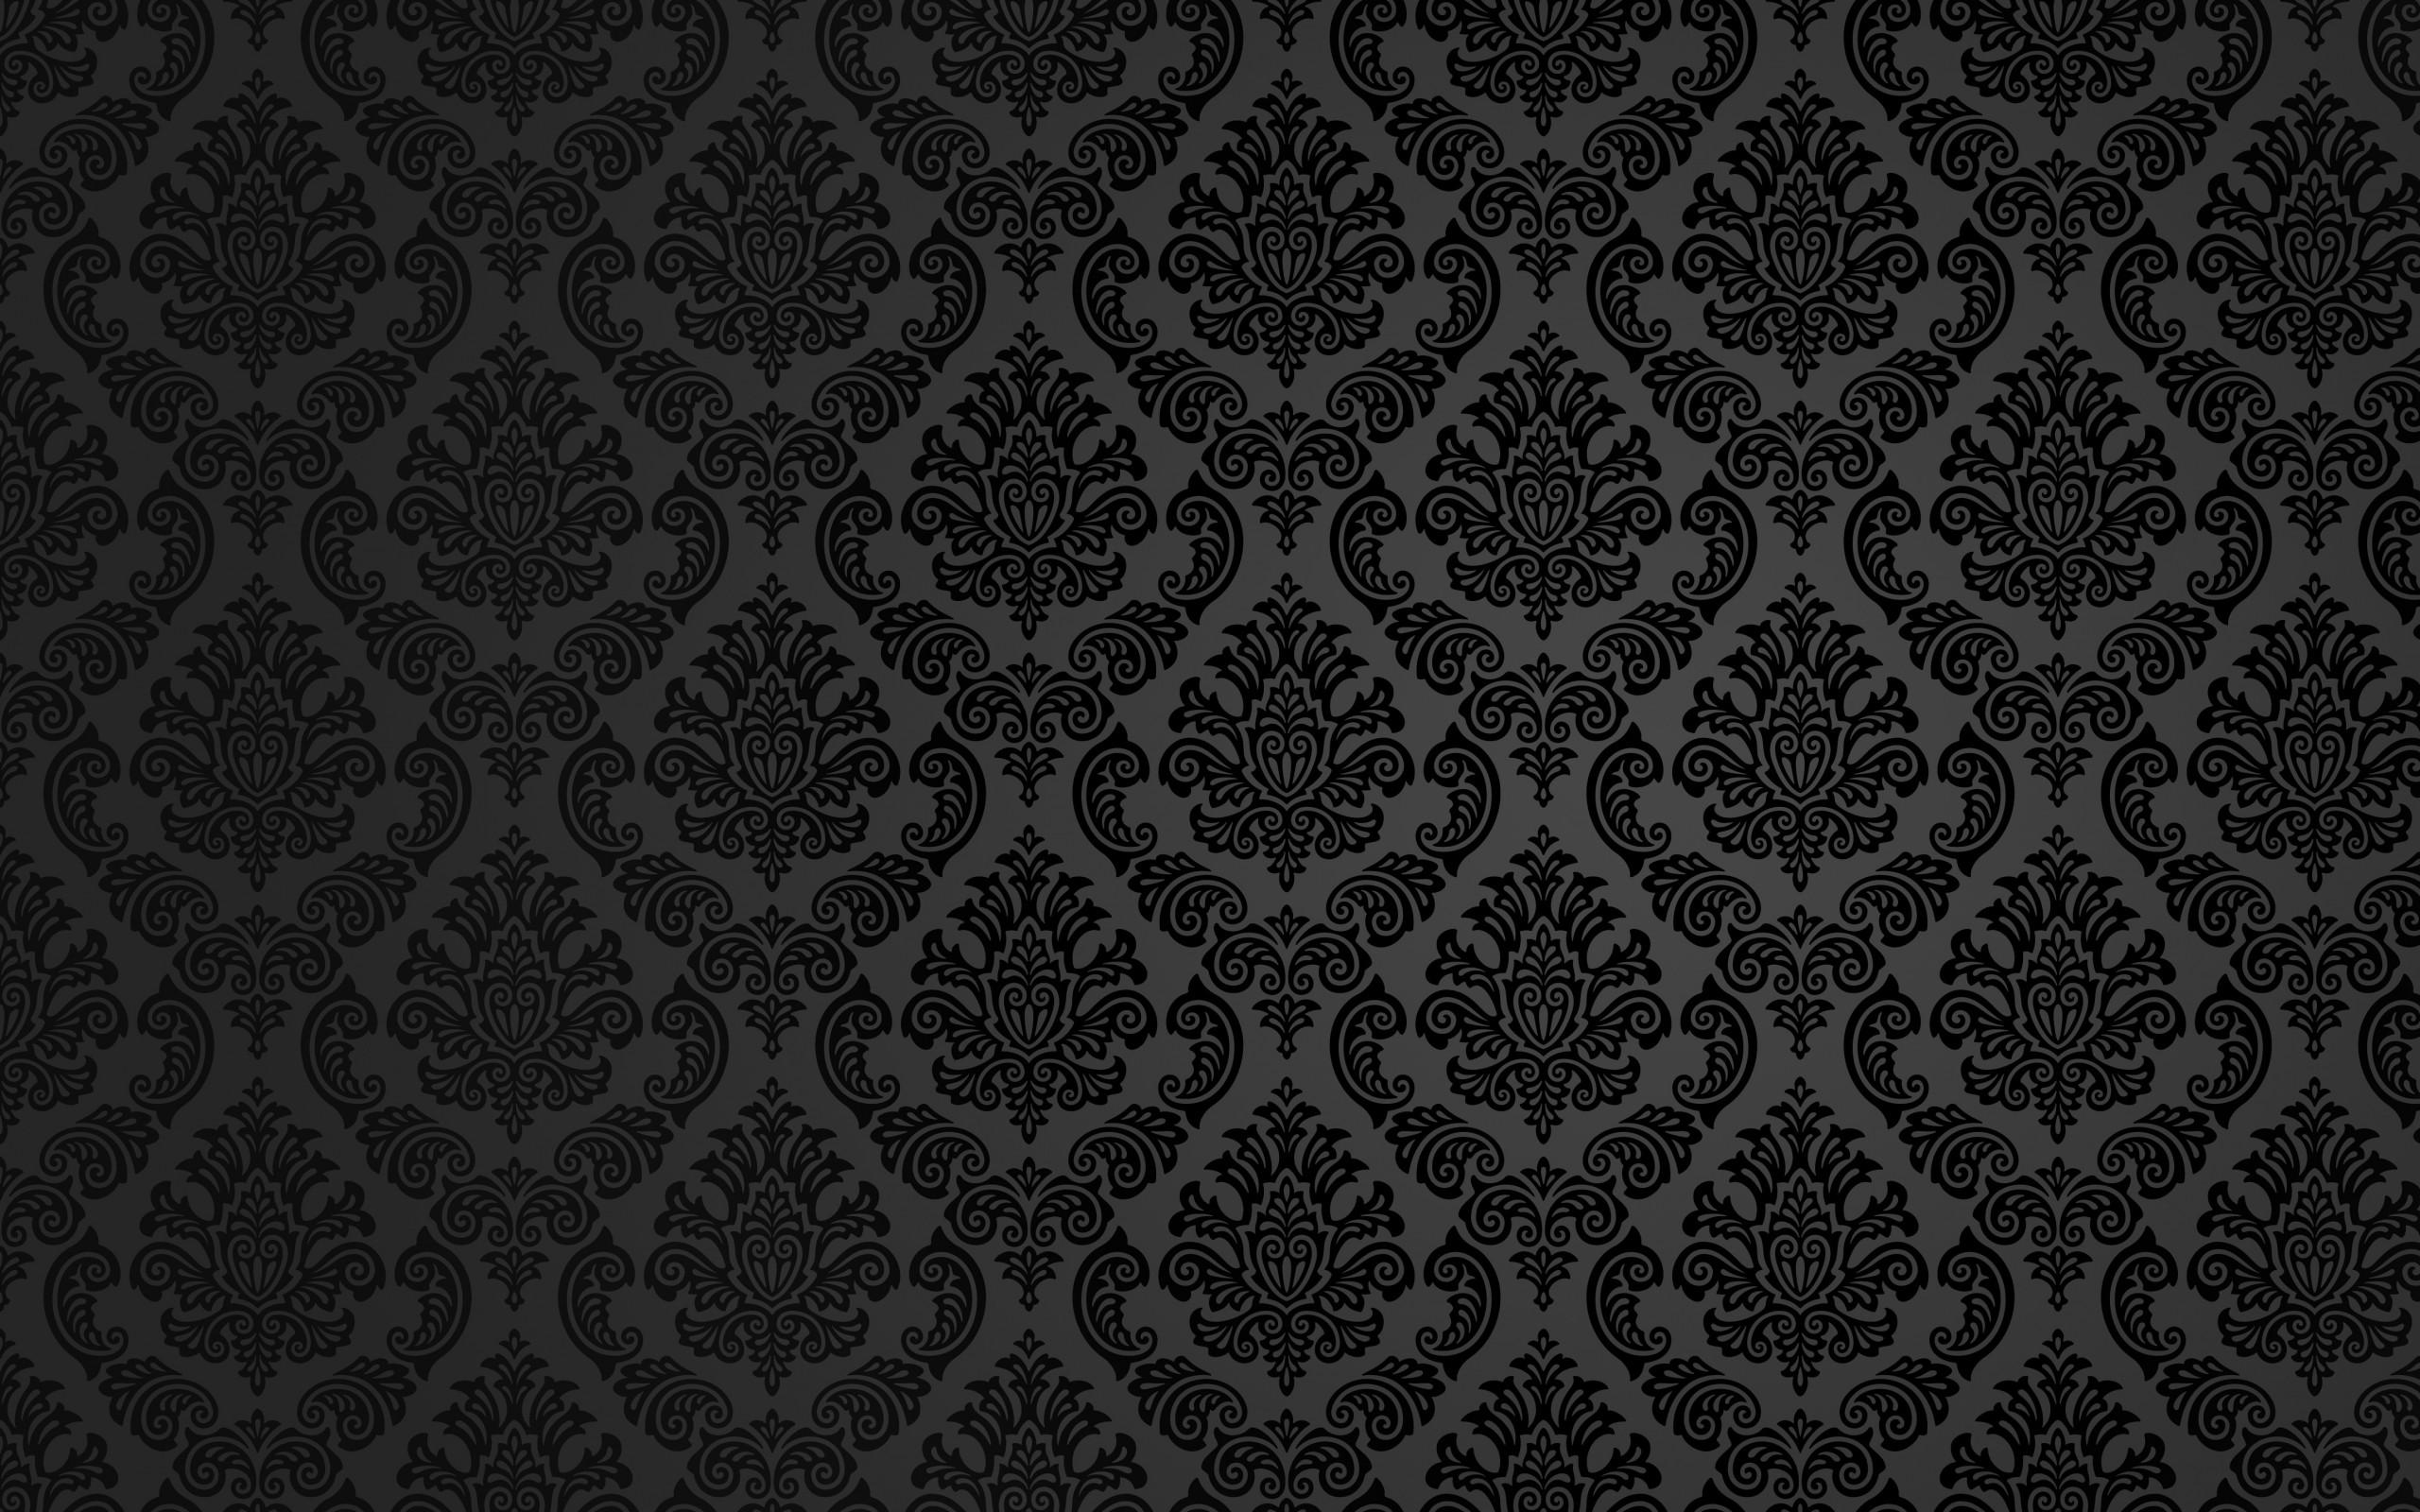 2560x1600 black pattern fancy background wallpaper 10910